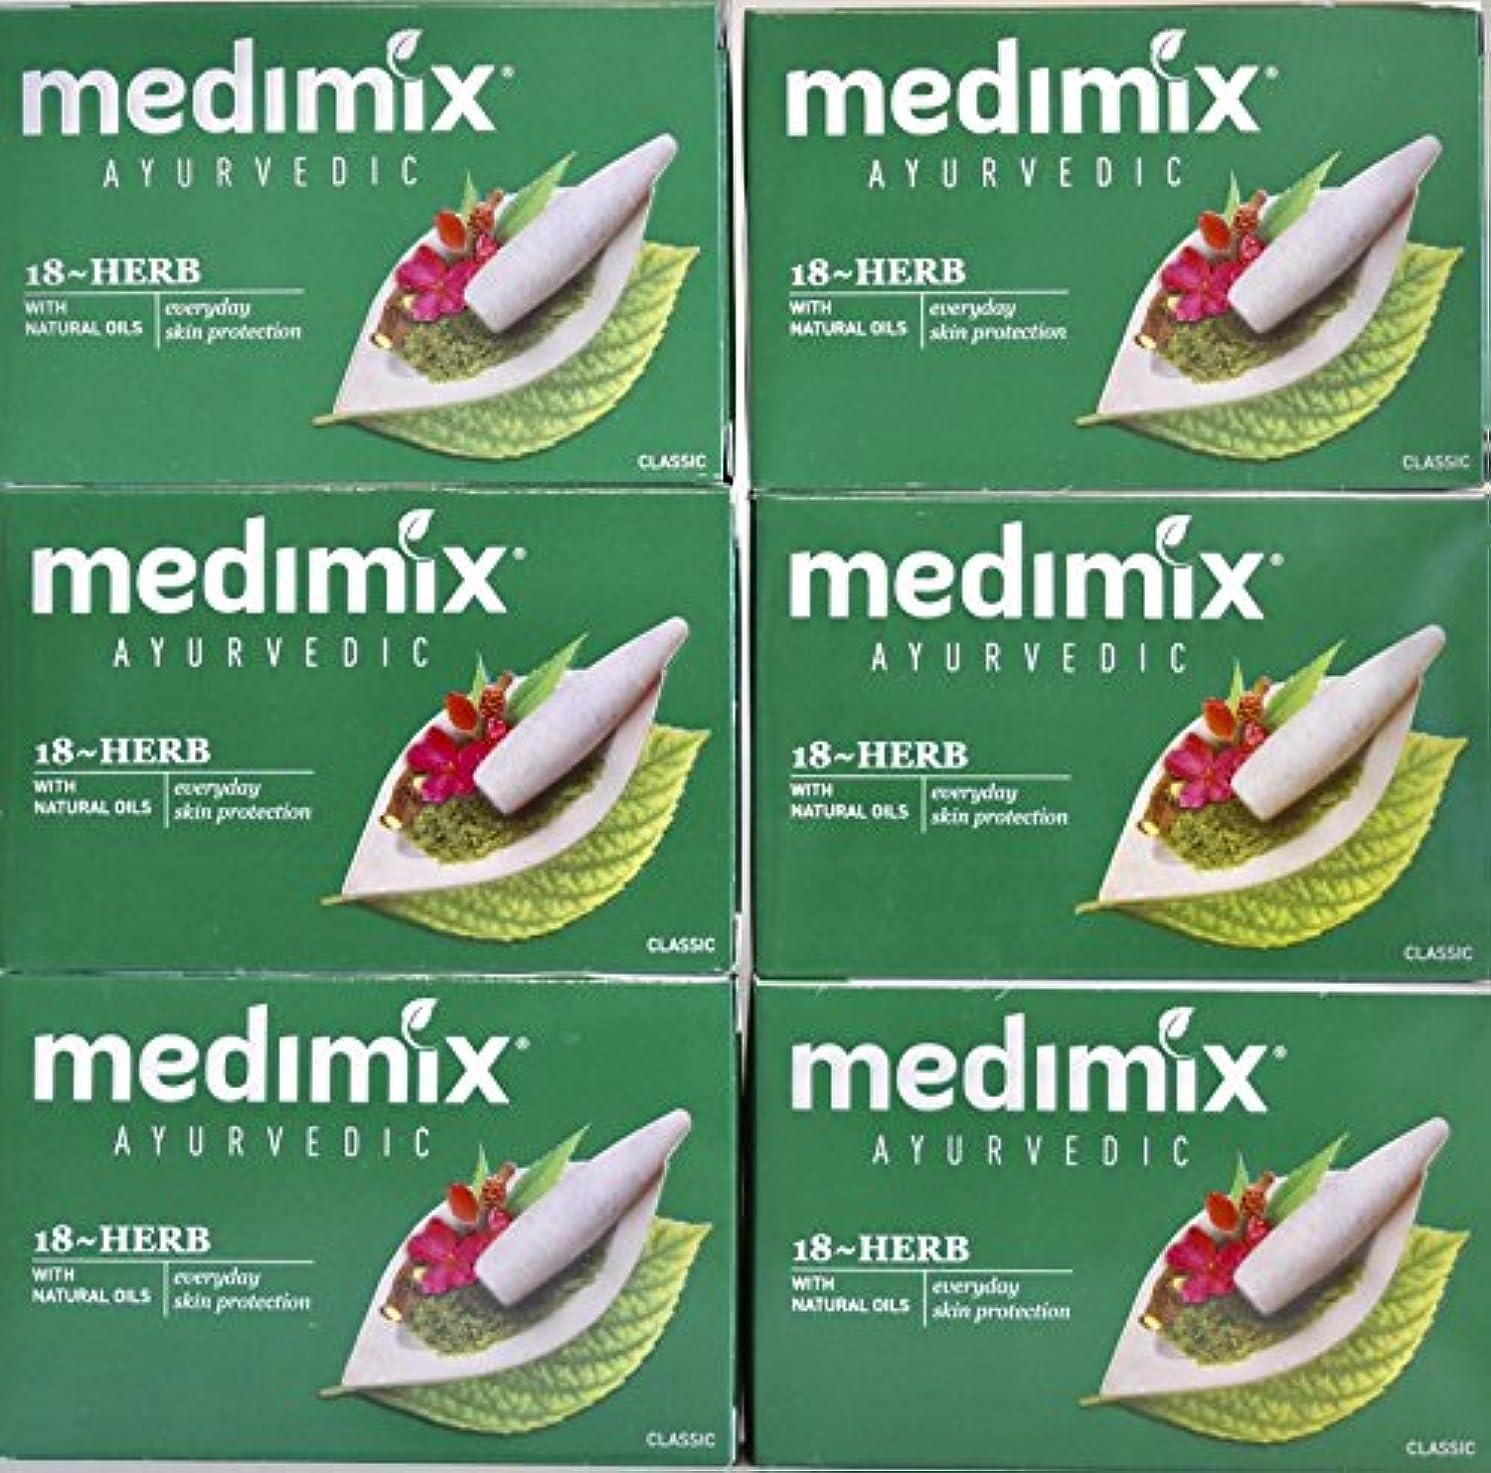 申込み議会MEDIMIX メディミックス アーユルヴェーダ石鹸 18ハーブス6個セット